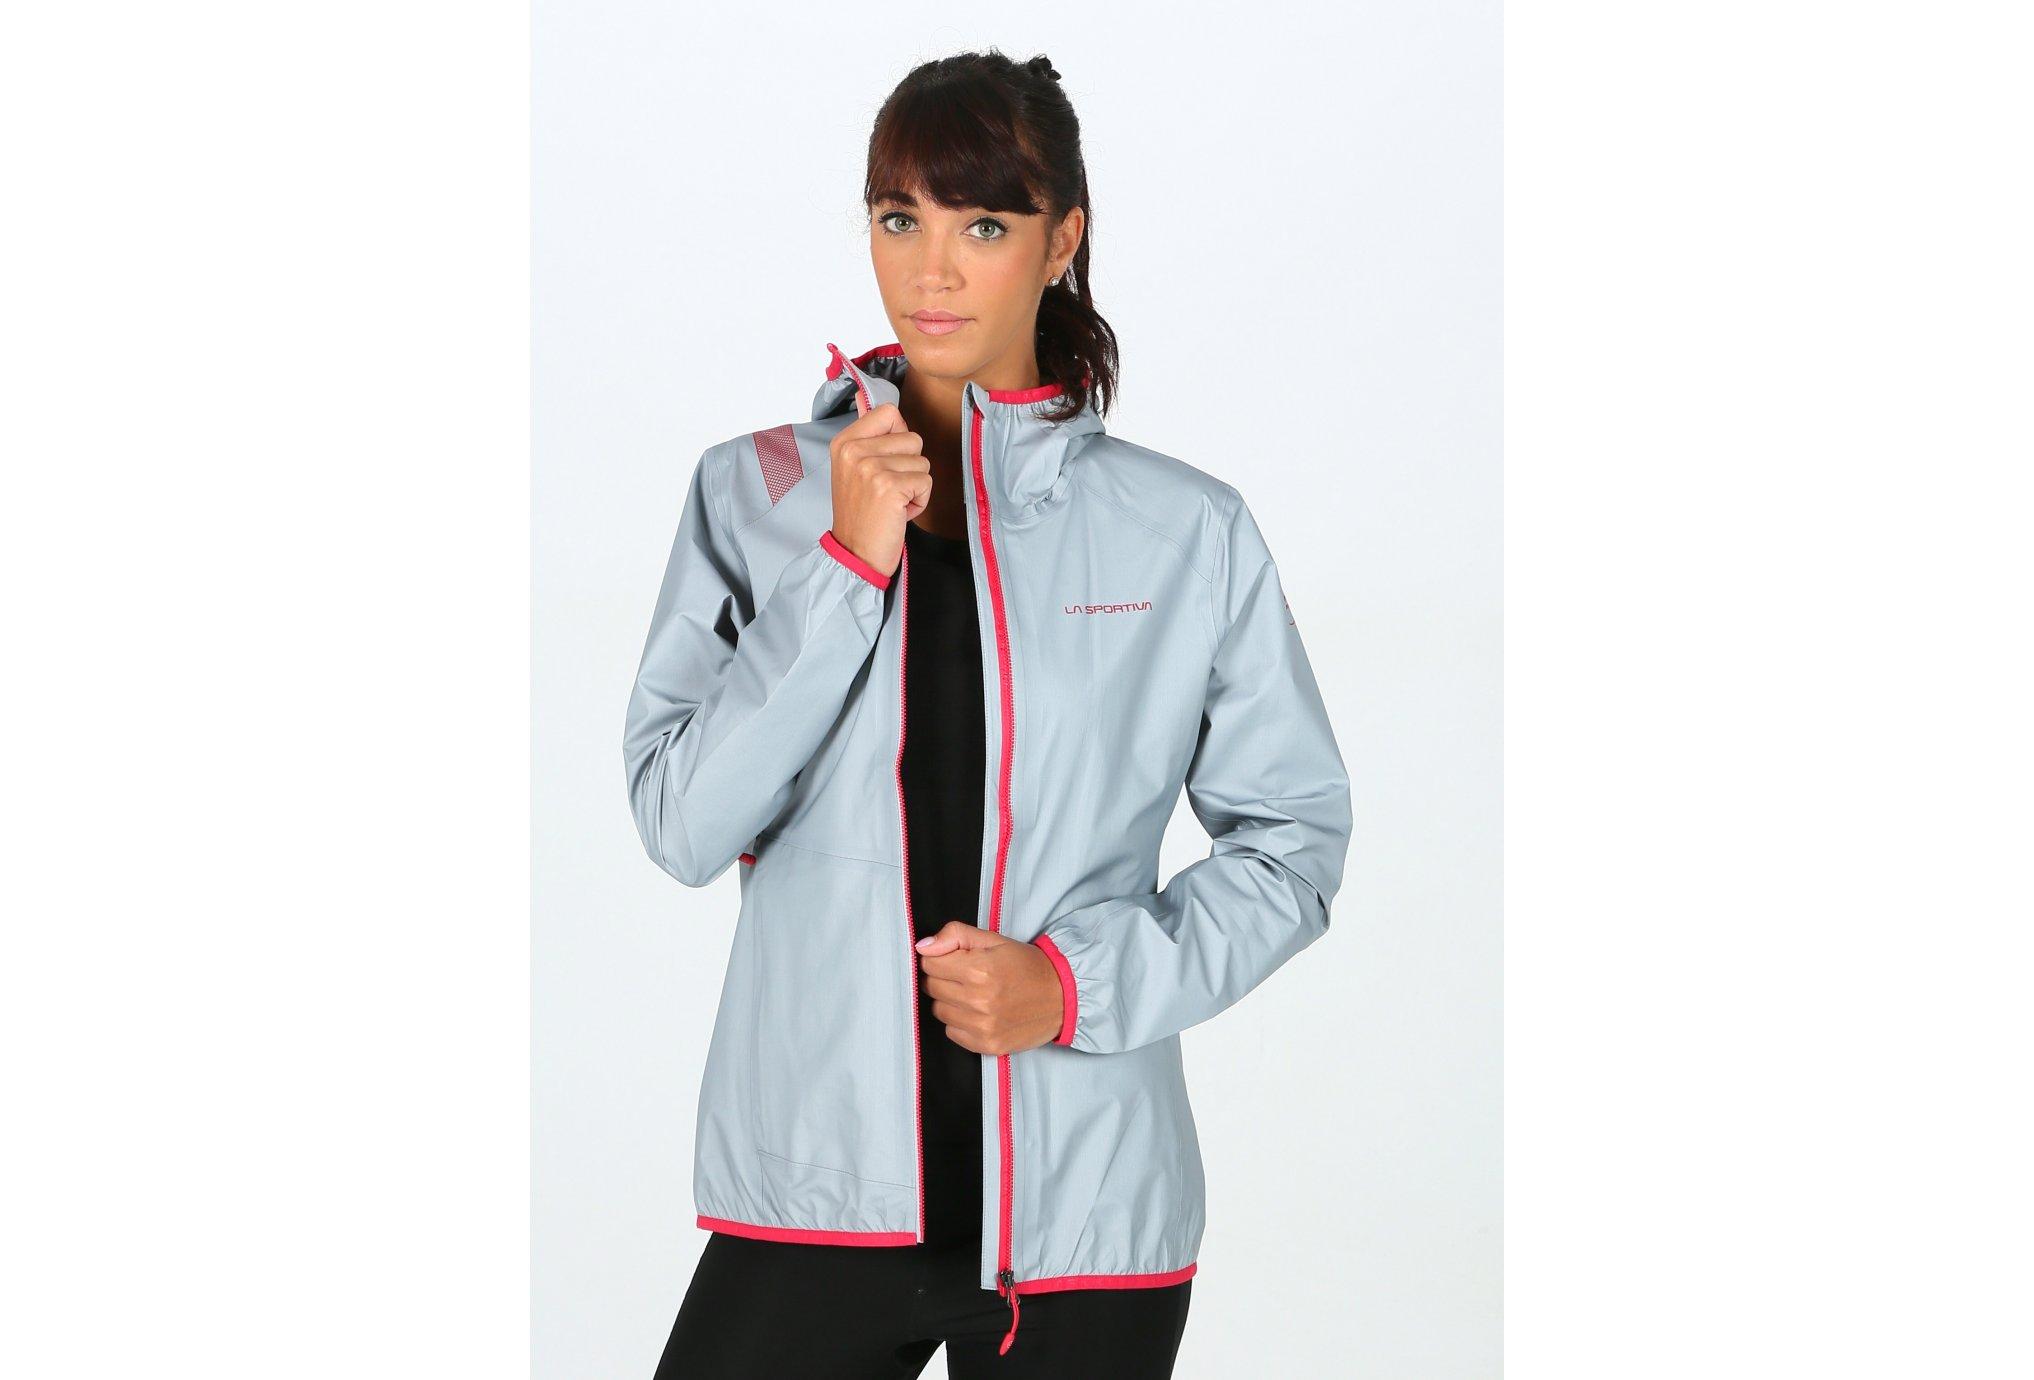 La Sportiva Iliad Gore-Tex W Diététique Vêtements femme